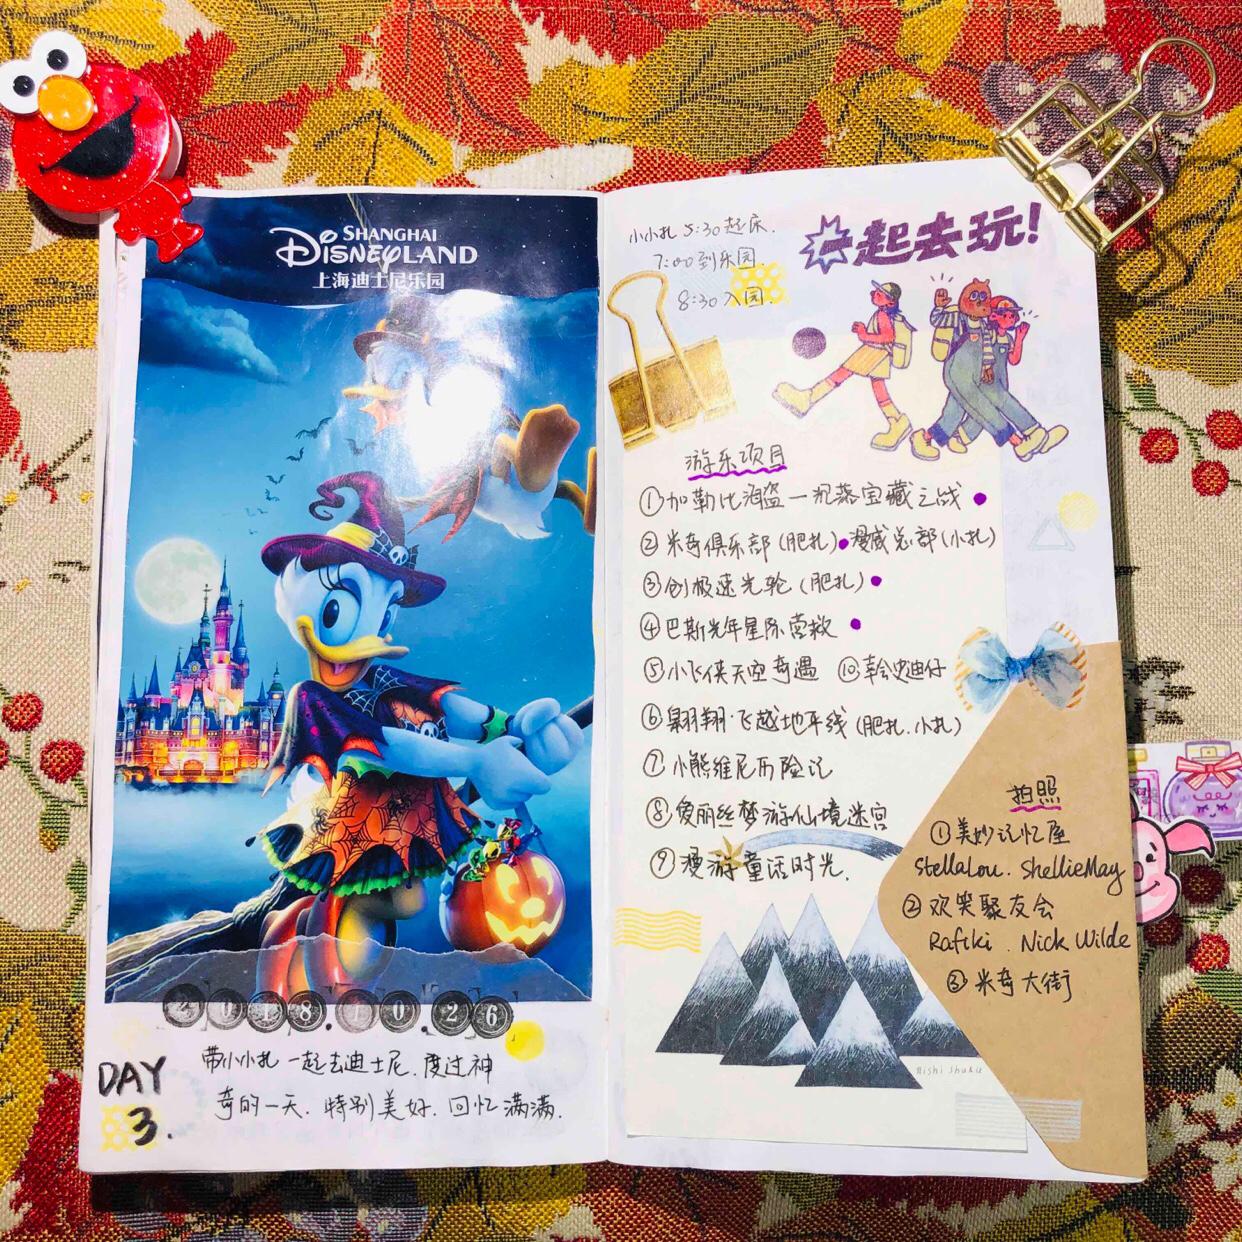 上海迪士尼带着宝宝去了上海迪士..., 手帐工具